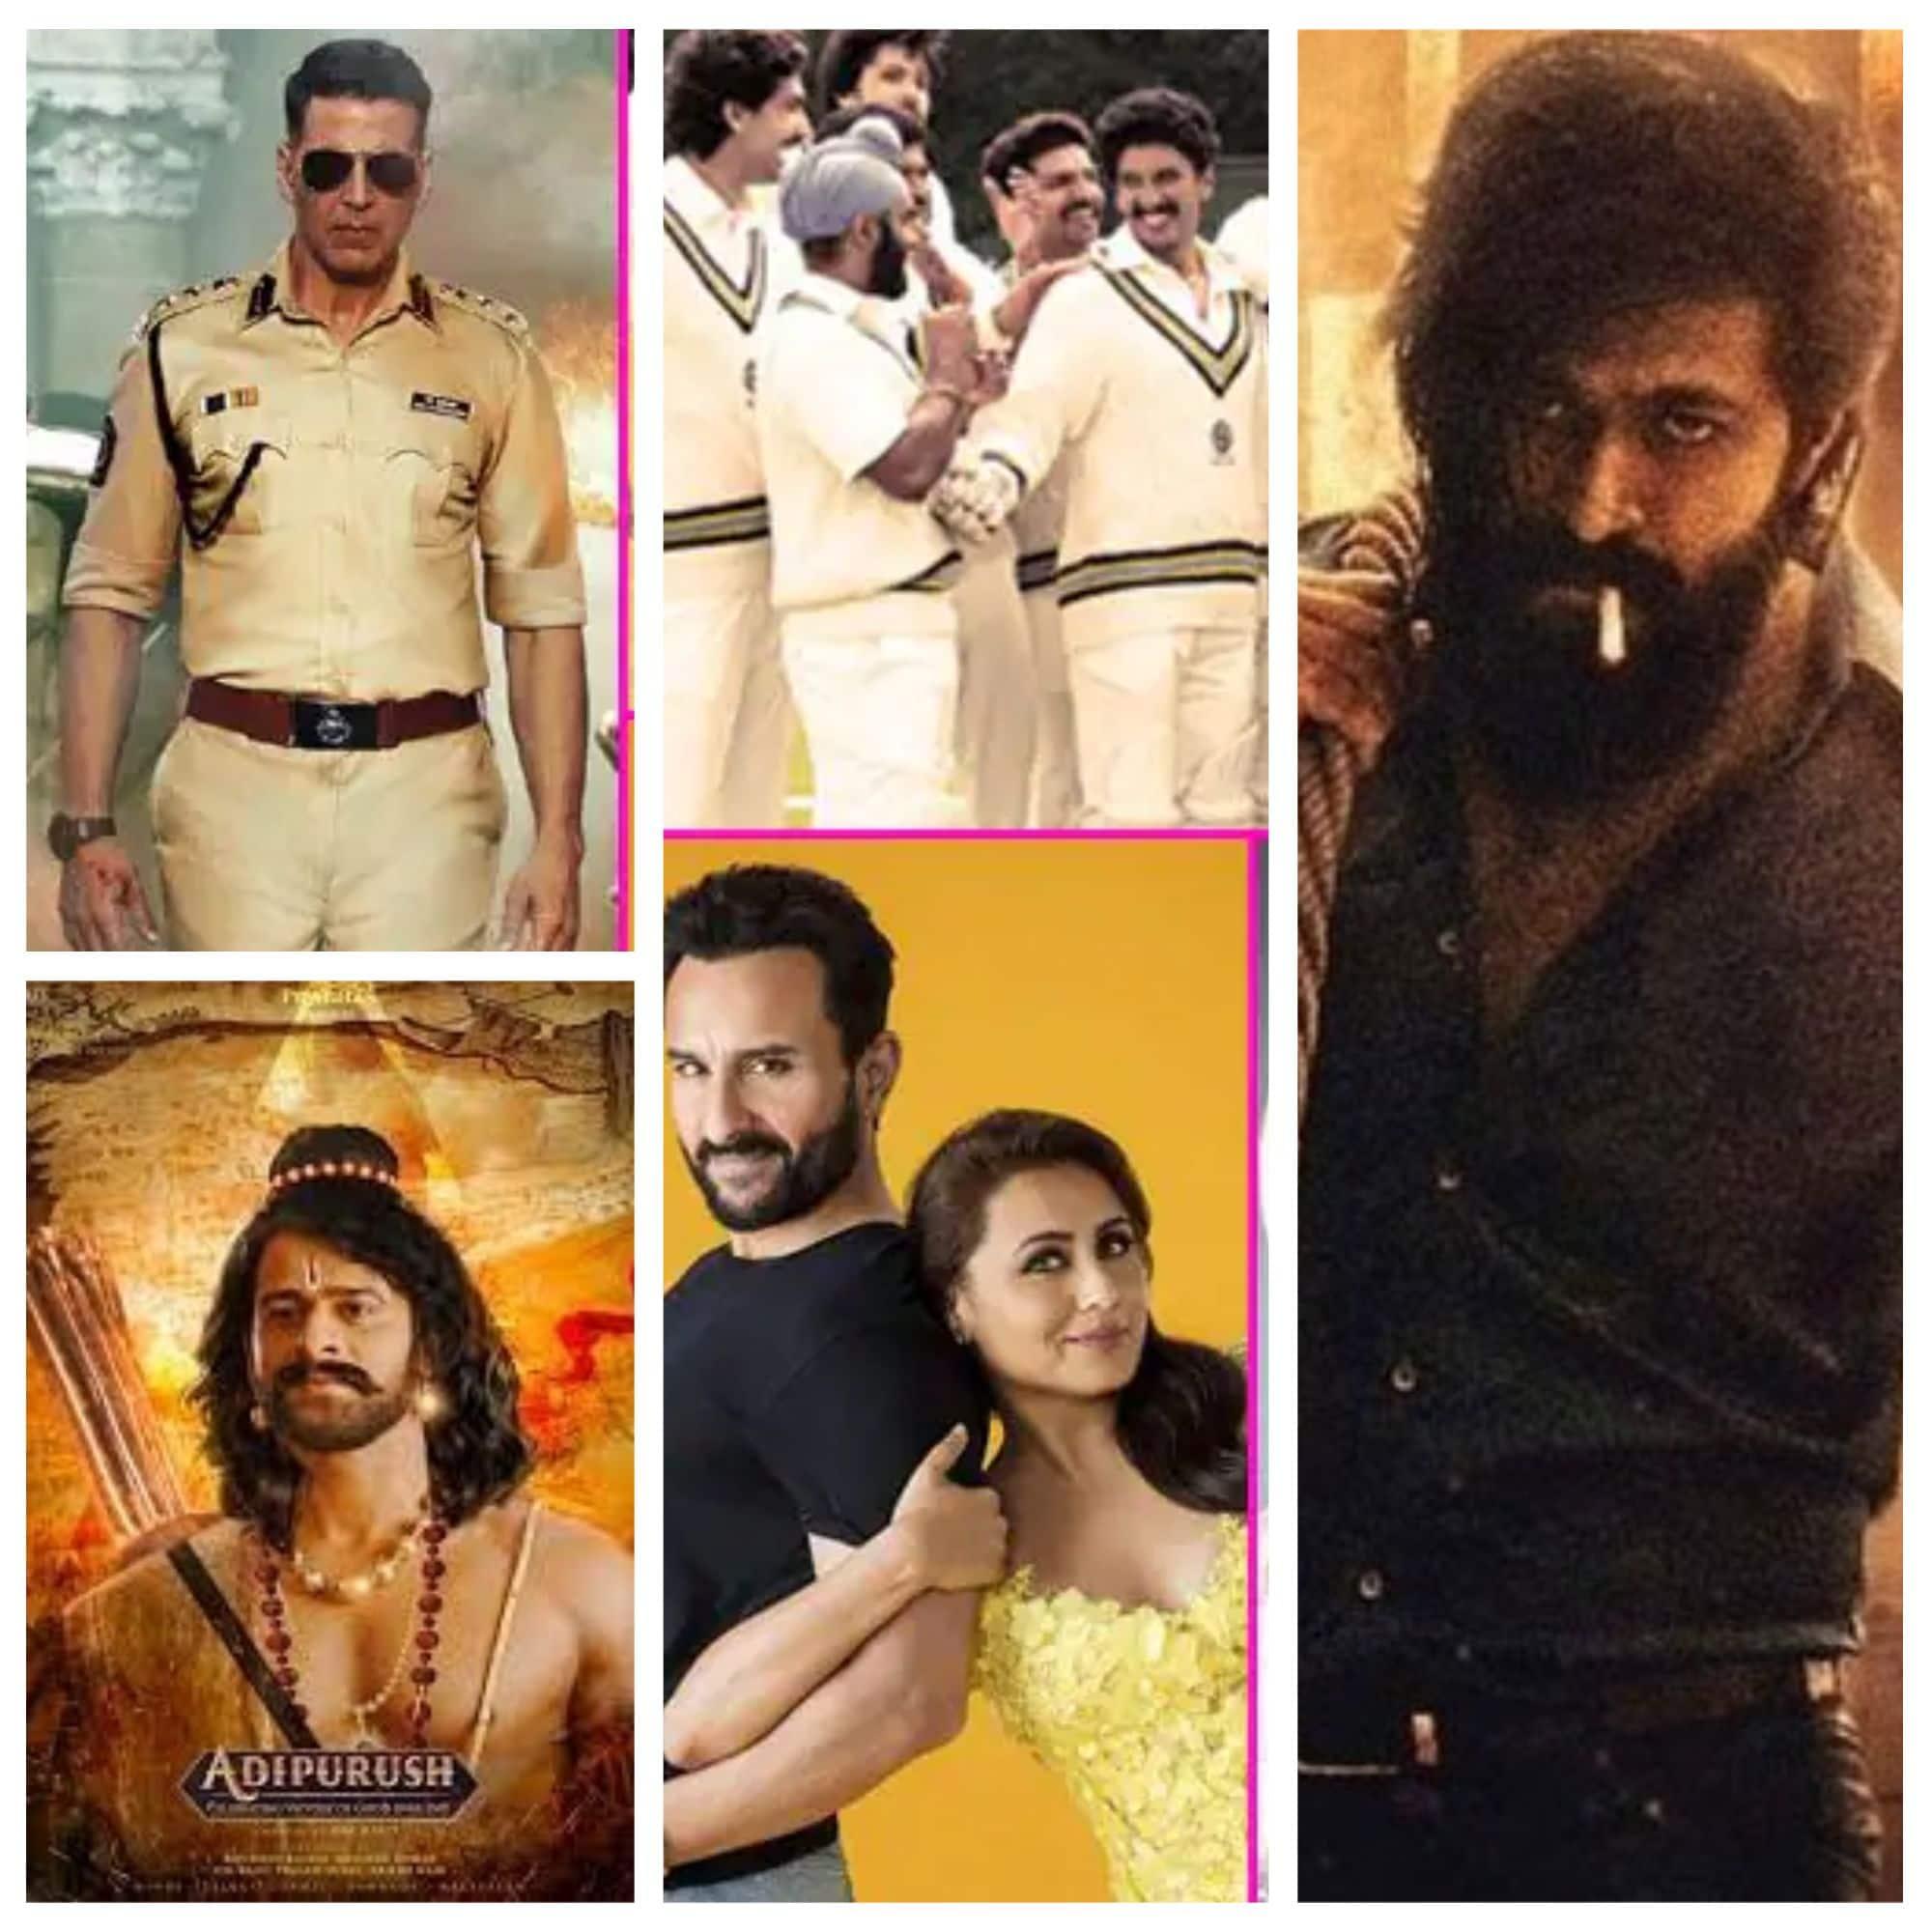 Bollywood फिल्म इंडस्ट्री ने अनाउंस की इन 26 फिल्मों की रिलीज डेट